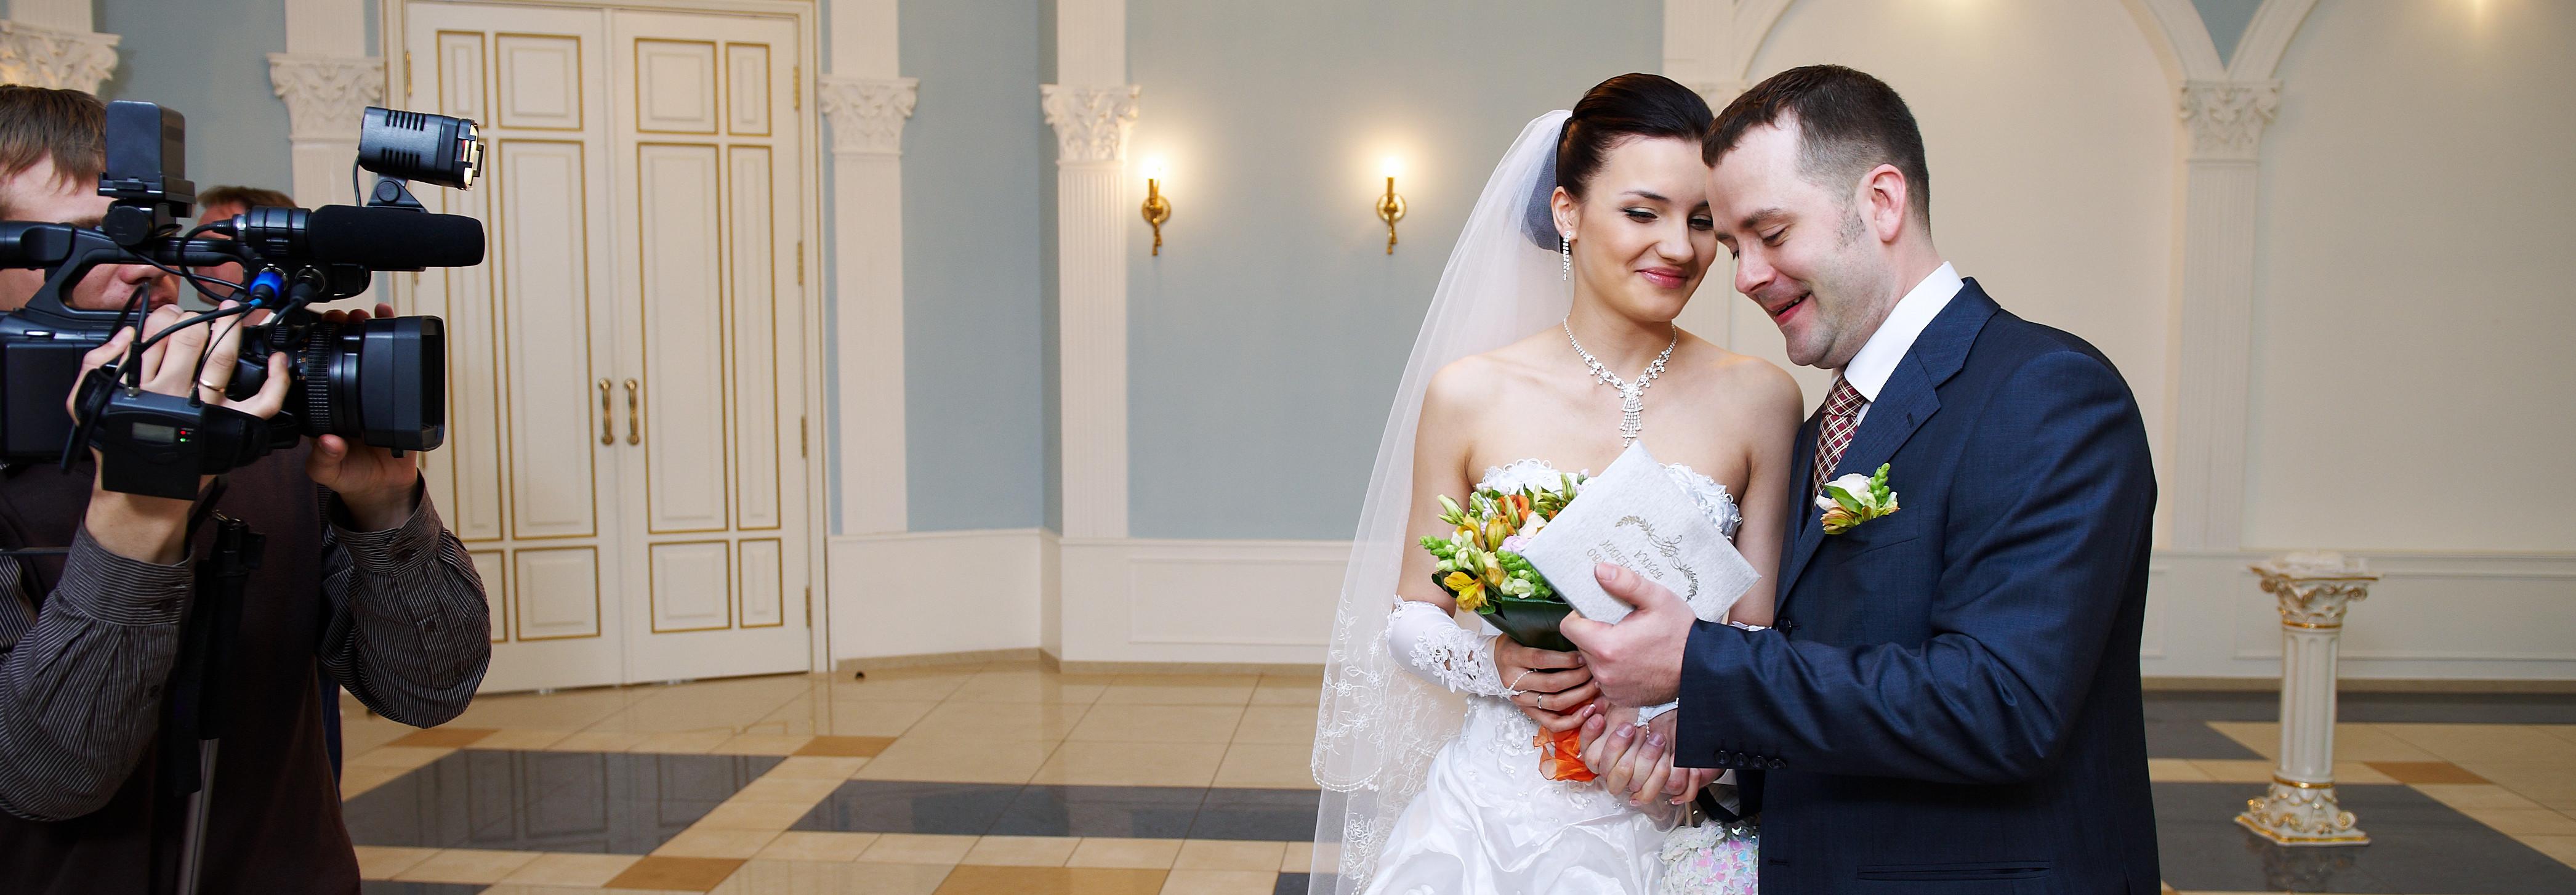 Vivi il tuo matrimonio come da tradizione, noi pensiamo a tutto